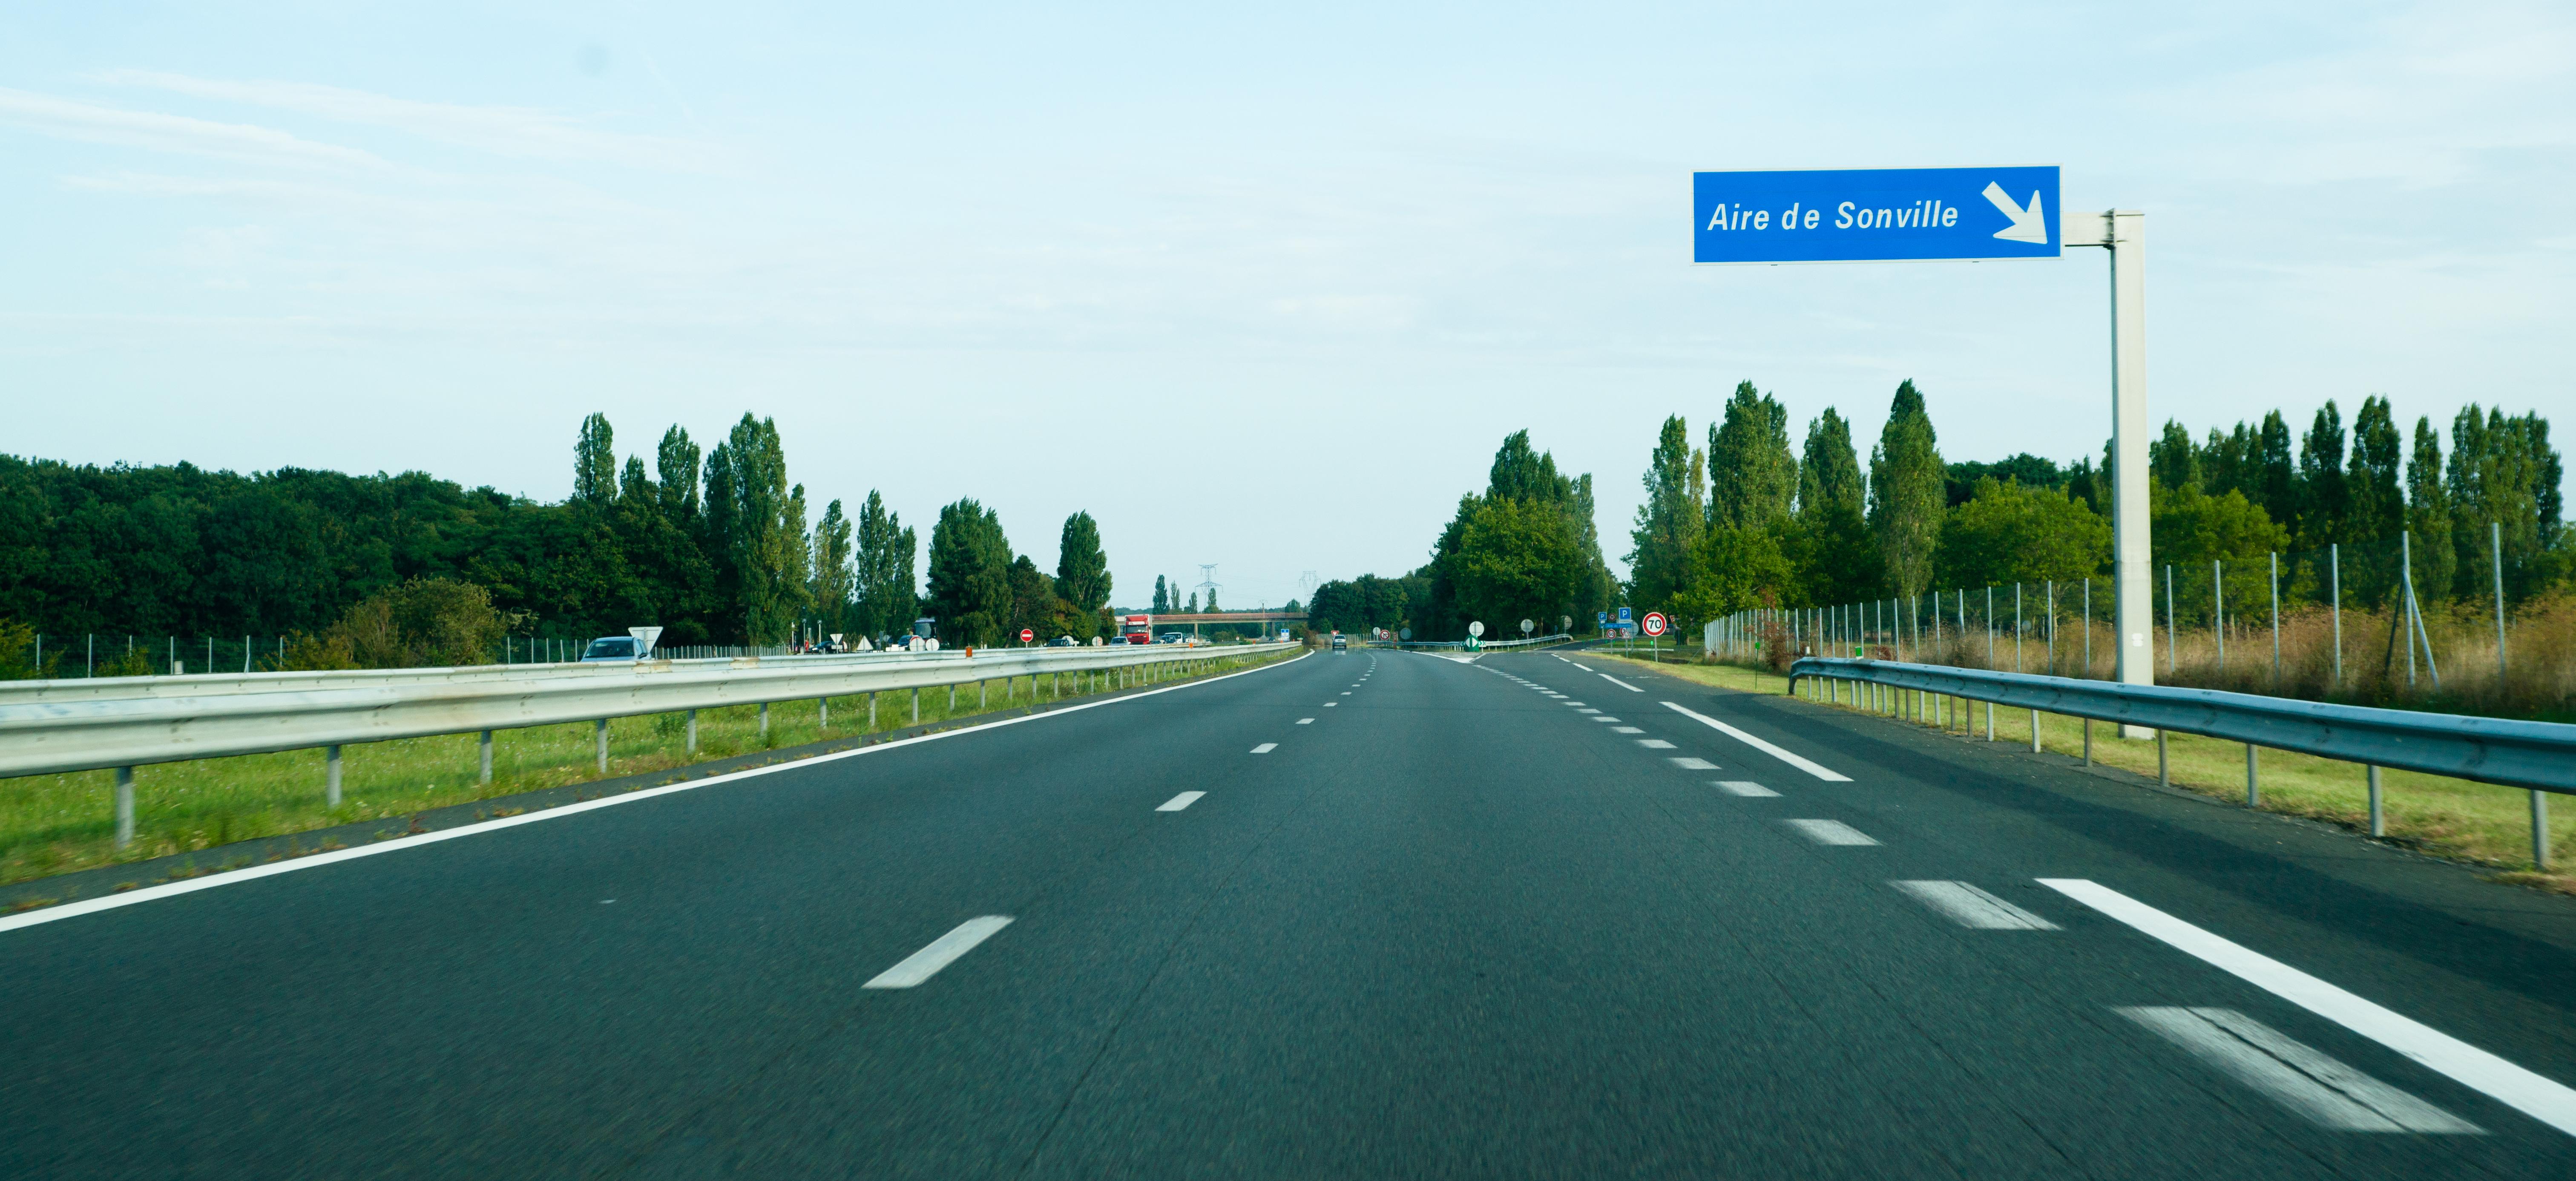 Rencontre aire autoroute a7